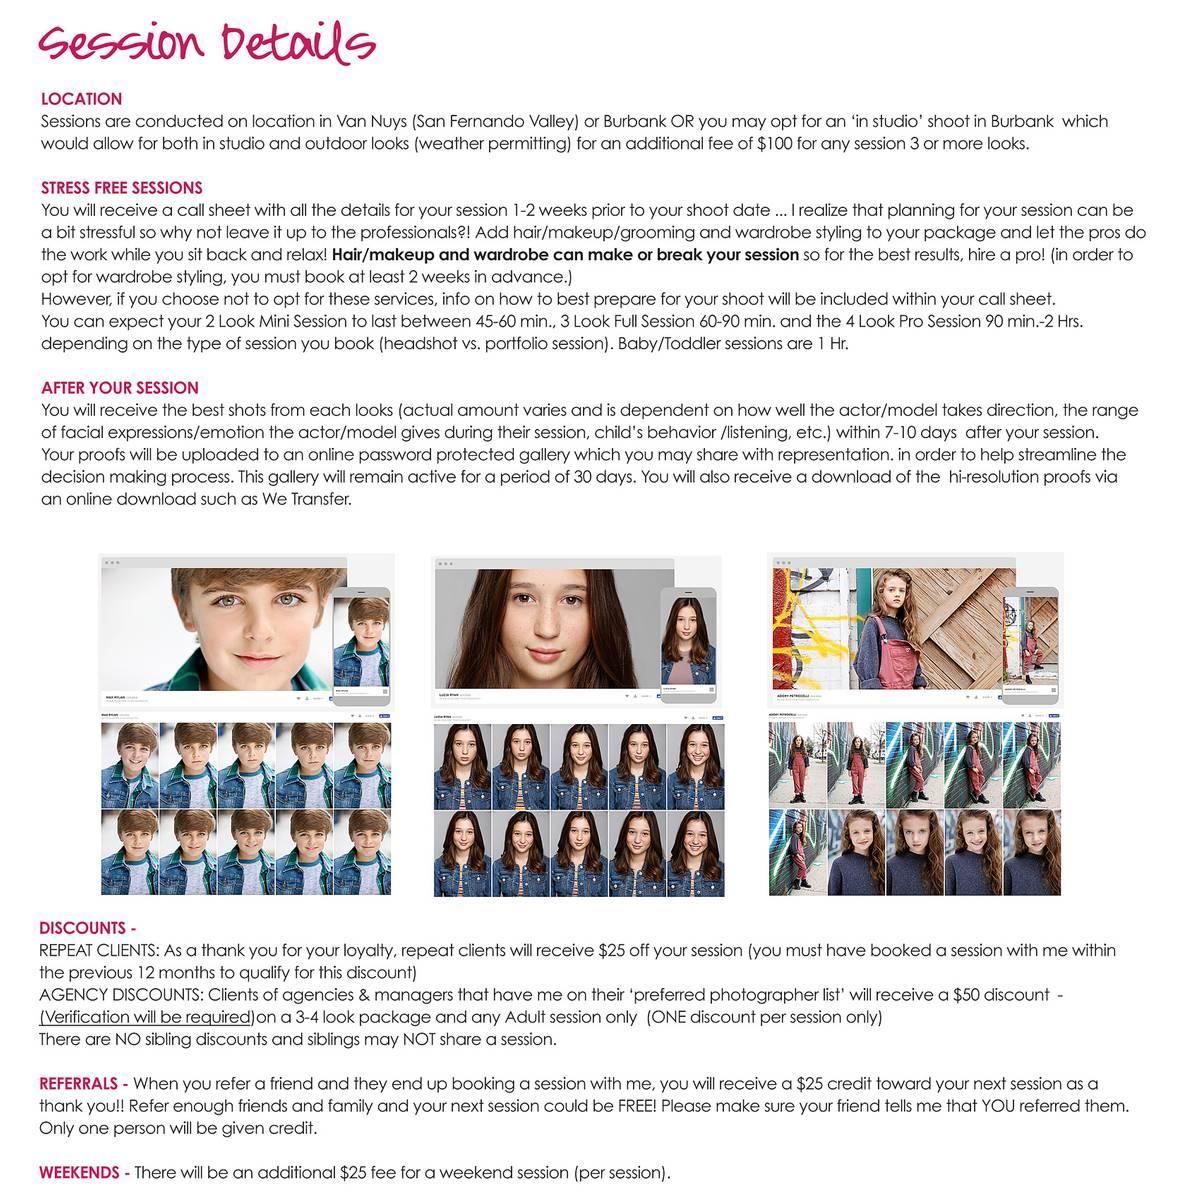 Session-Details1.jpg